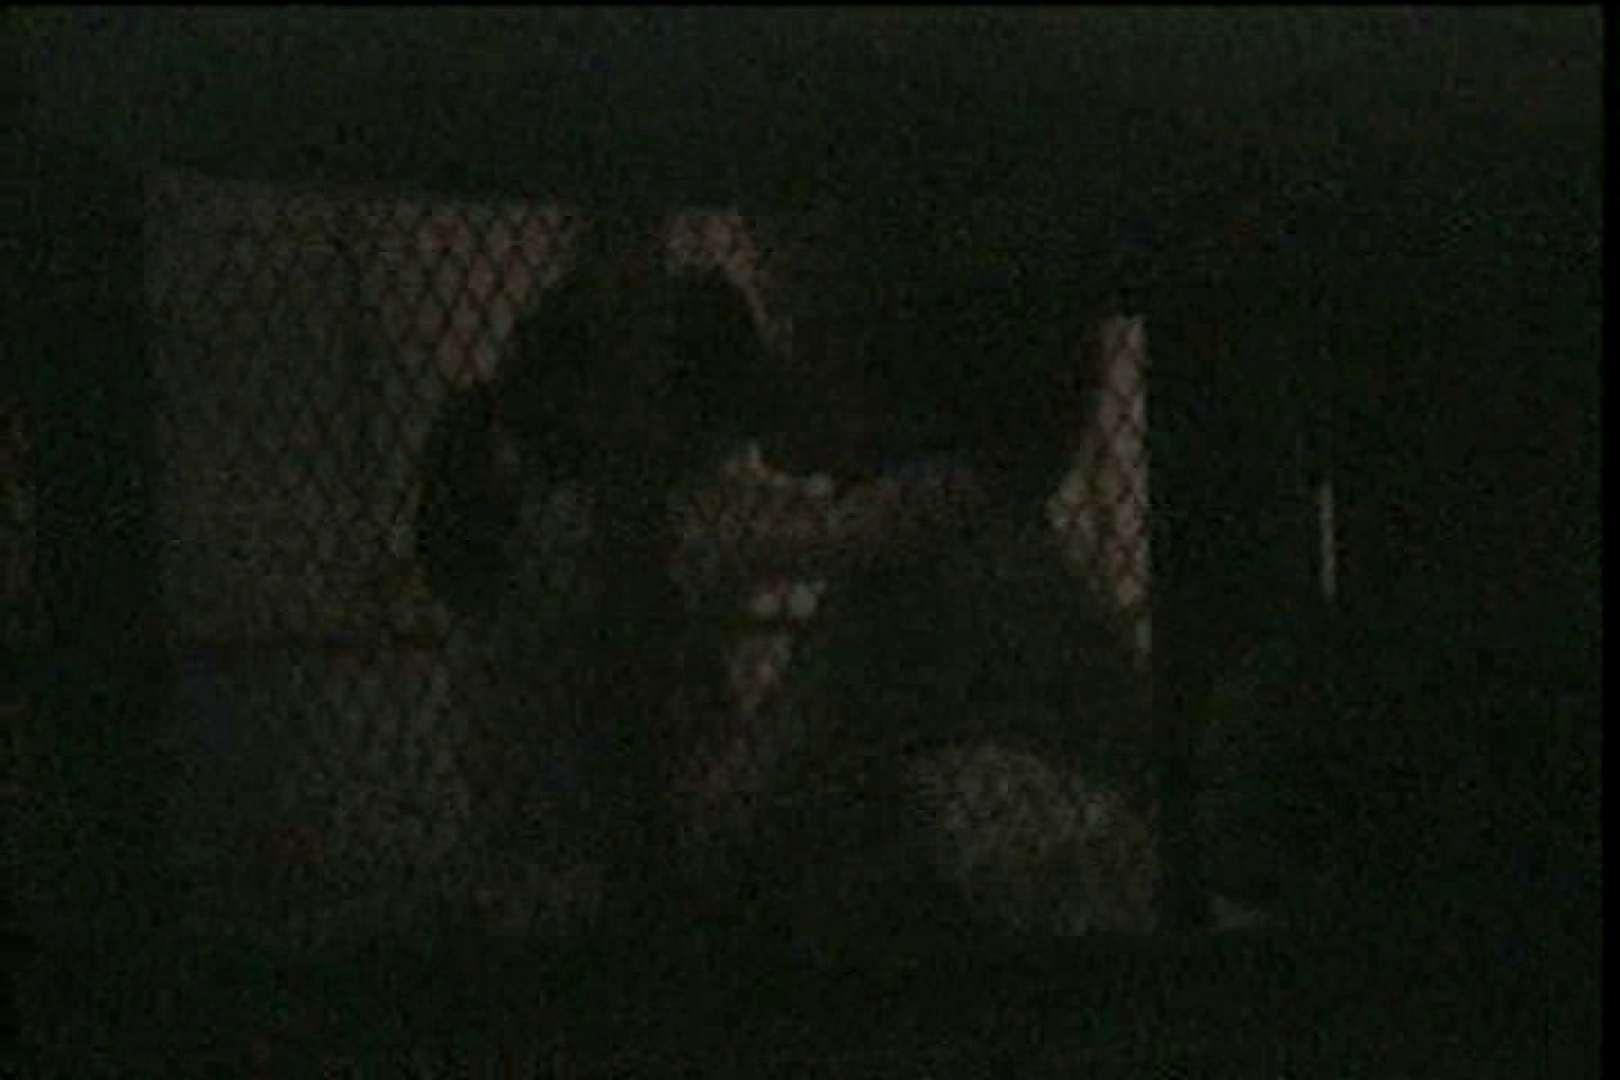 闇の仕掛け人 無修正版 Vol.19 OLエロ画像   フリーハンド  102PICs 4